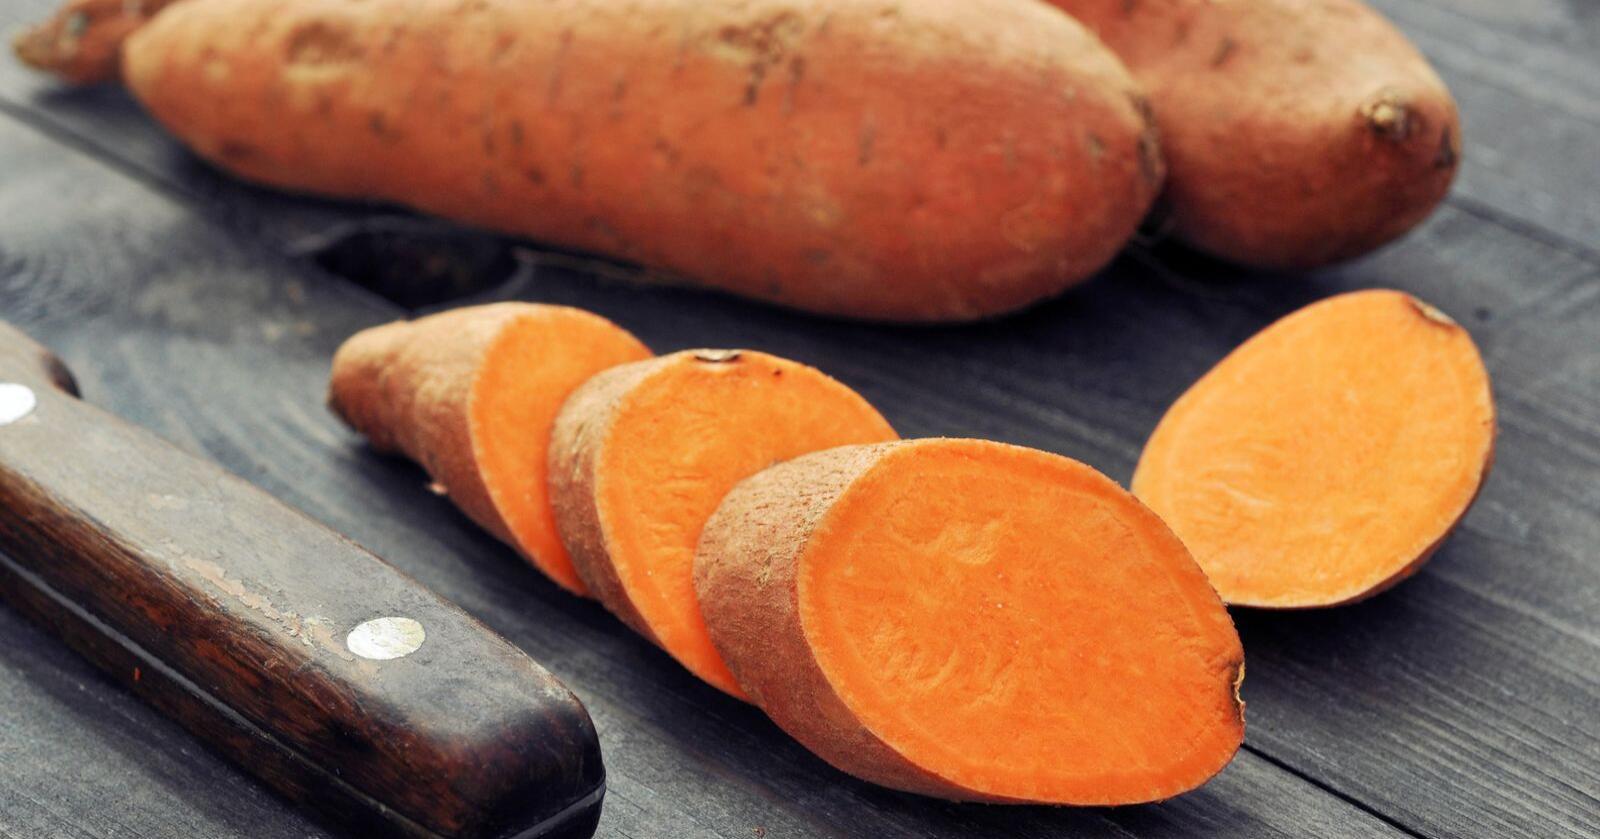 Norske bønder er innovative og prøver gjerne ut dyrking av nye matvekstsorter som forbrukerne etterspør. Søtpotetdyrking er et eksempel, skriver Bjørn Vidar Vangelsten. Foto: Colourbox